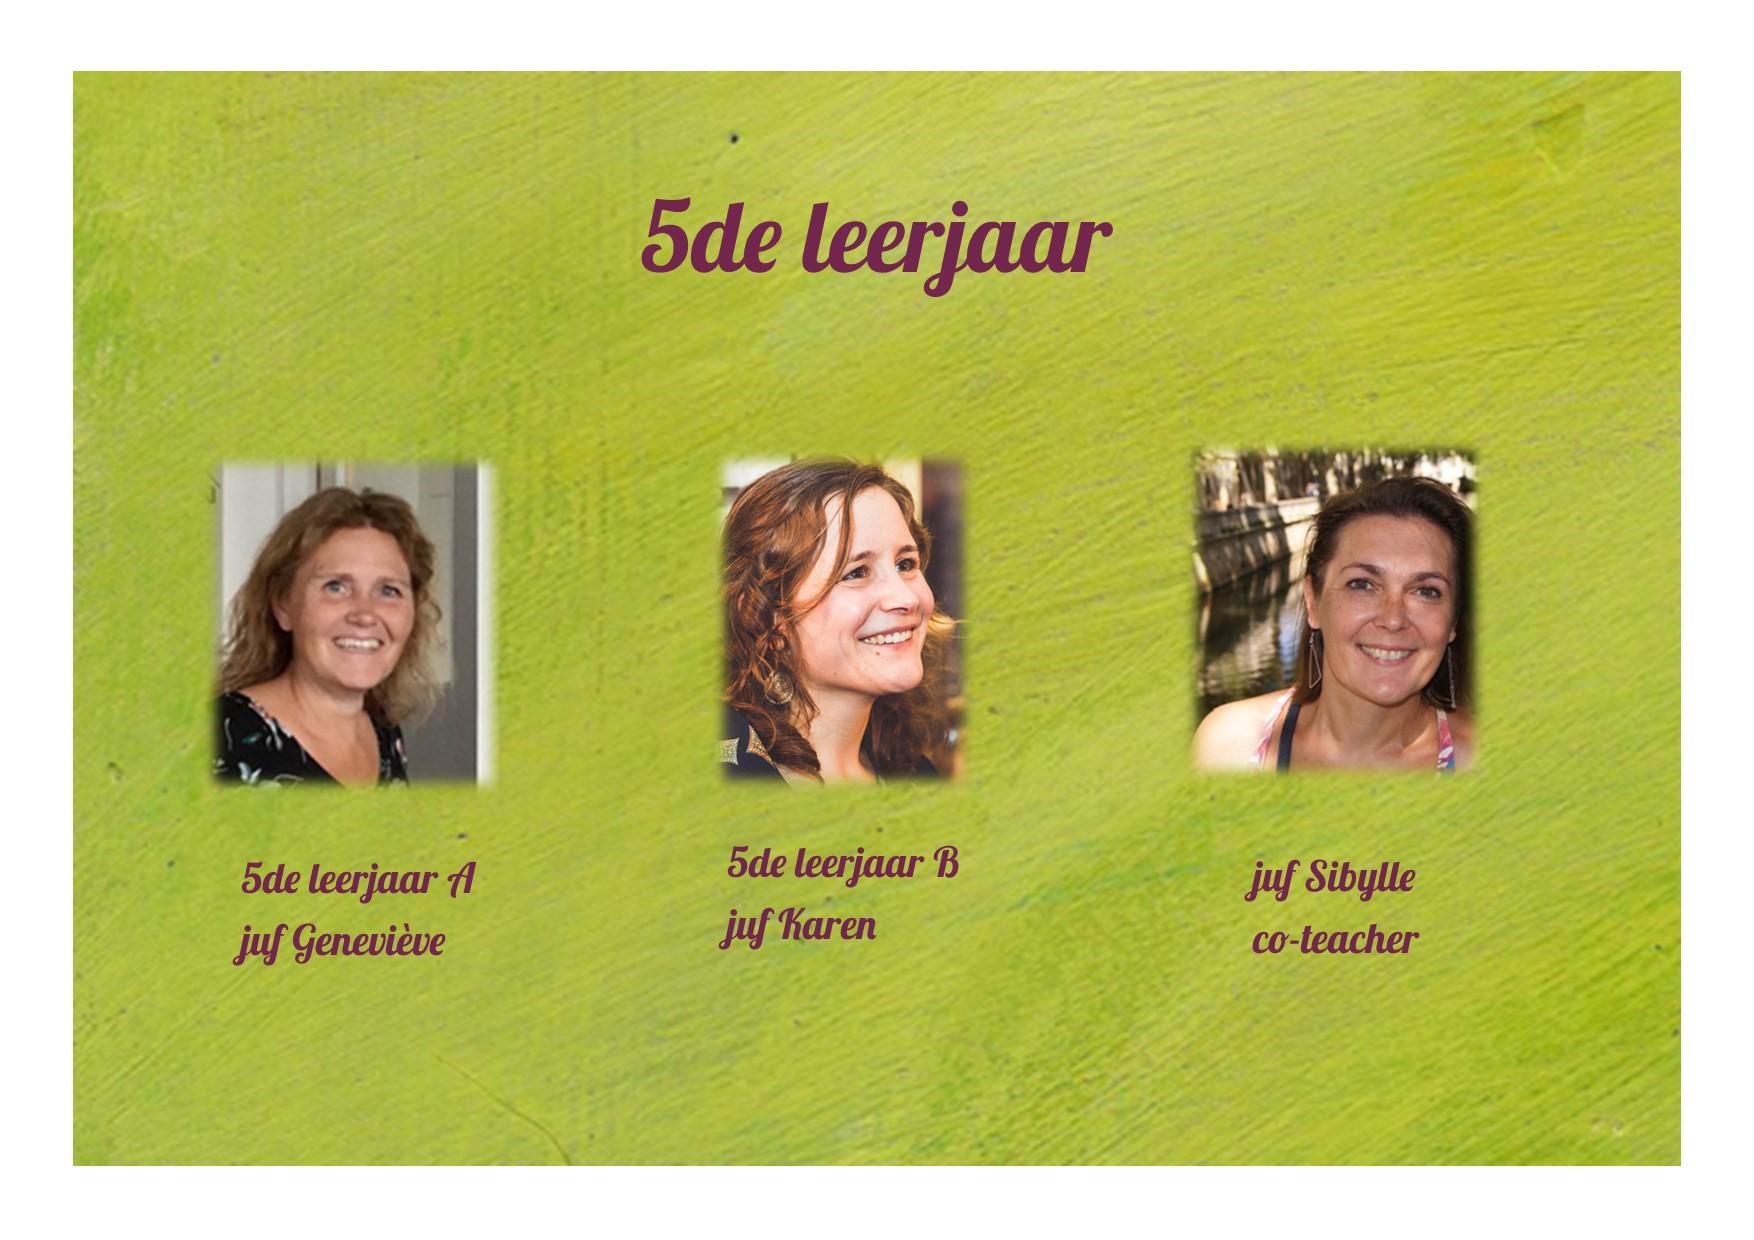 <p>5de leerjaar: juf Geneviève, juf Karen en juf Sibylle</p>